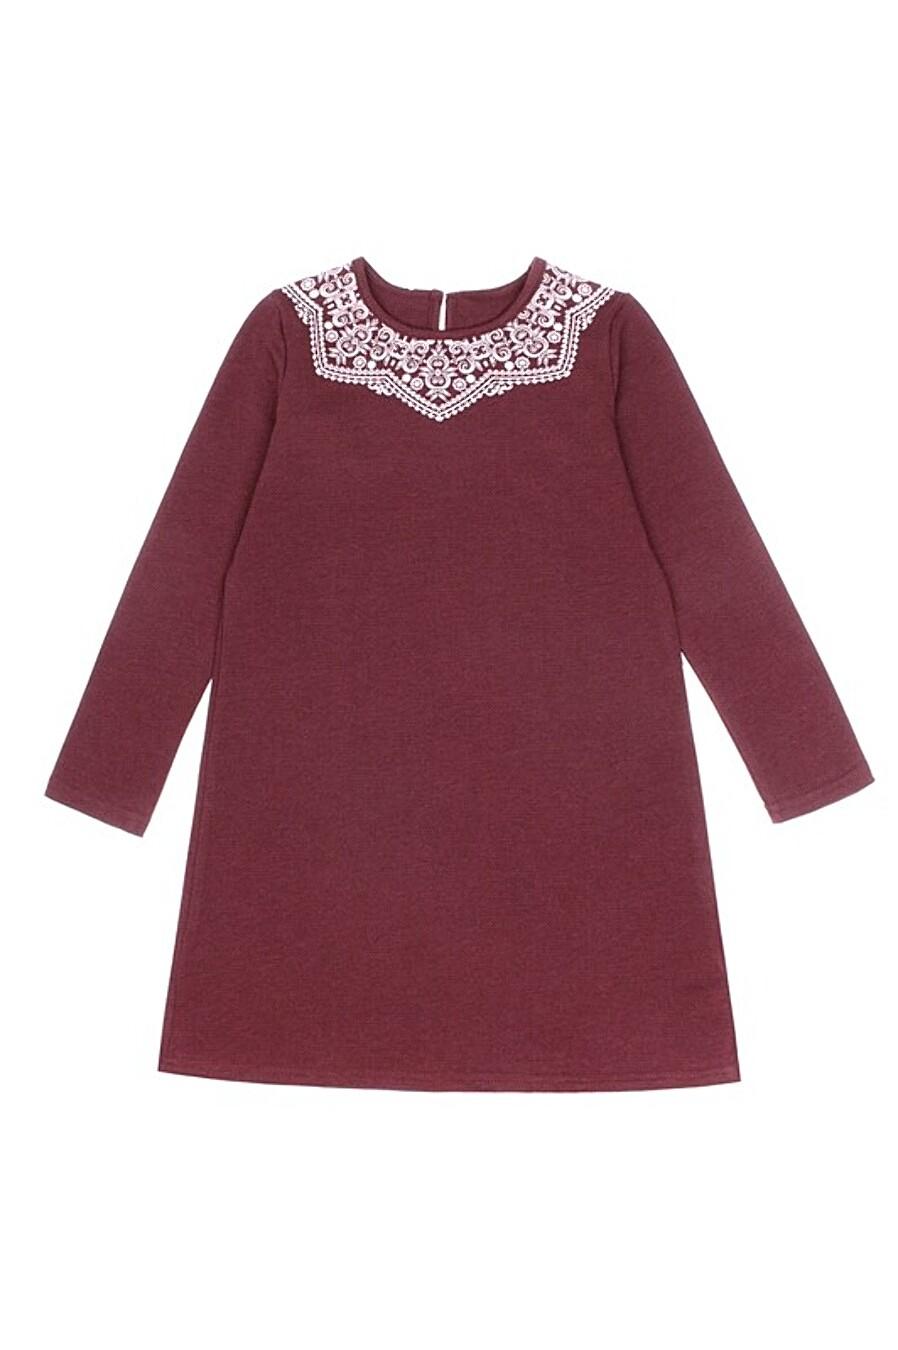 Платье для девочек АПРЕЛЬ 219206 купить оптом от производителя. Совместная покупка детской одежды в OptMoyo